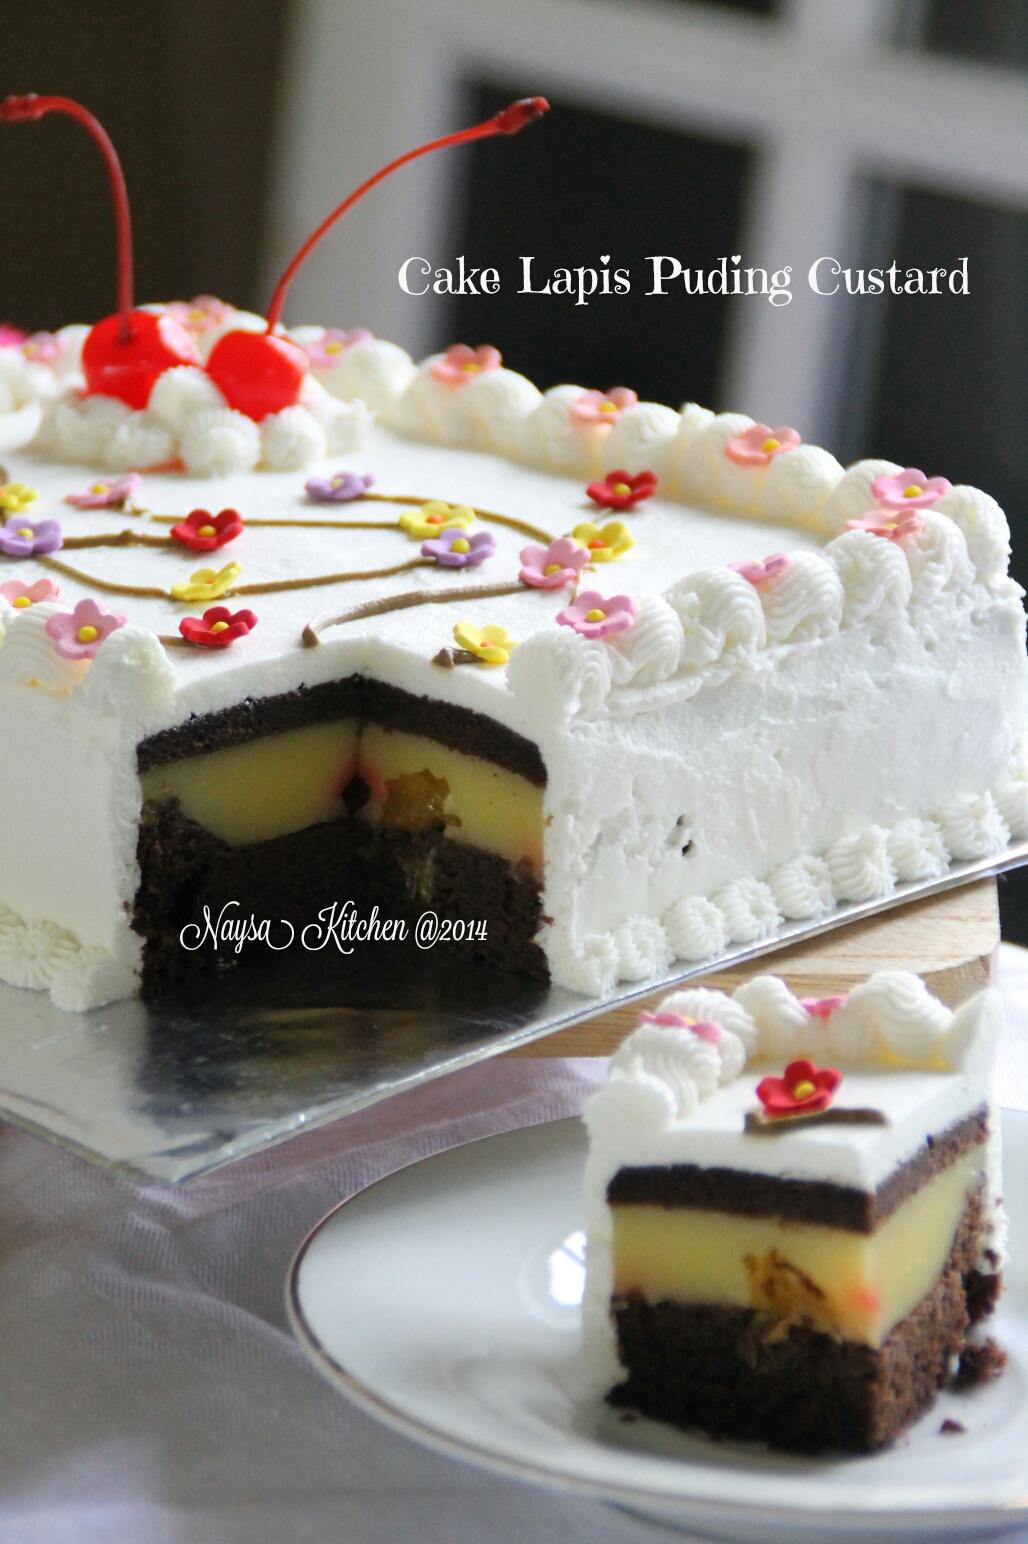 Resep Kue Tart Dari Puding  Resep Bunda Rumahan